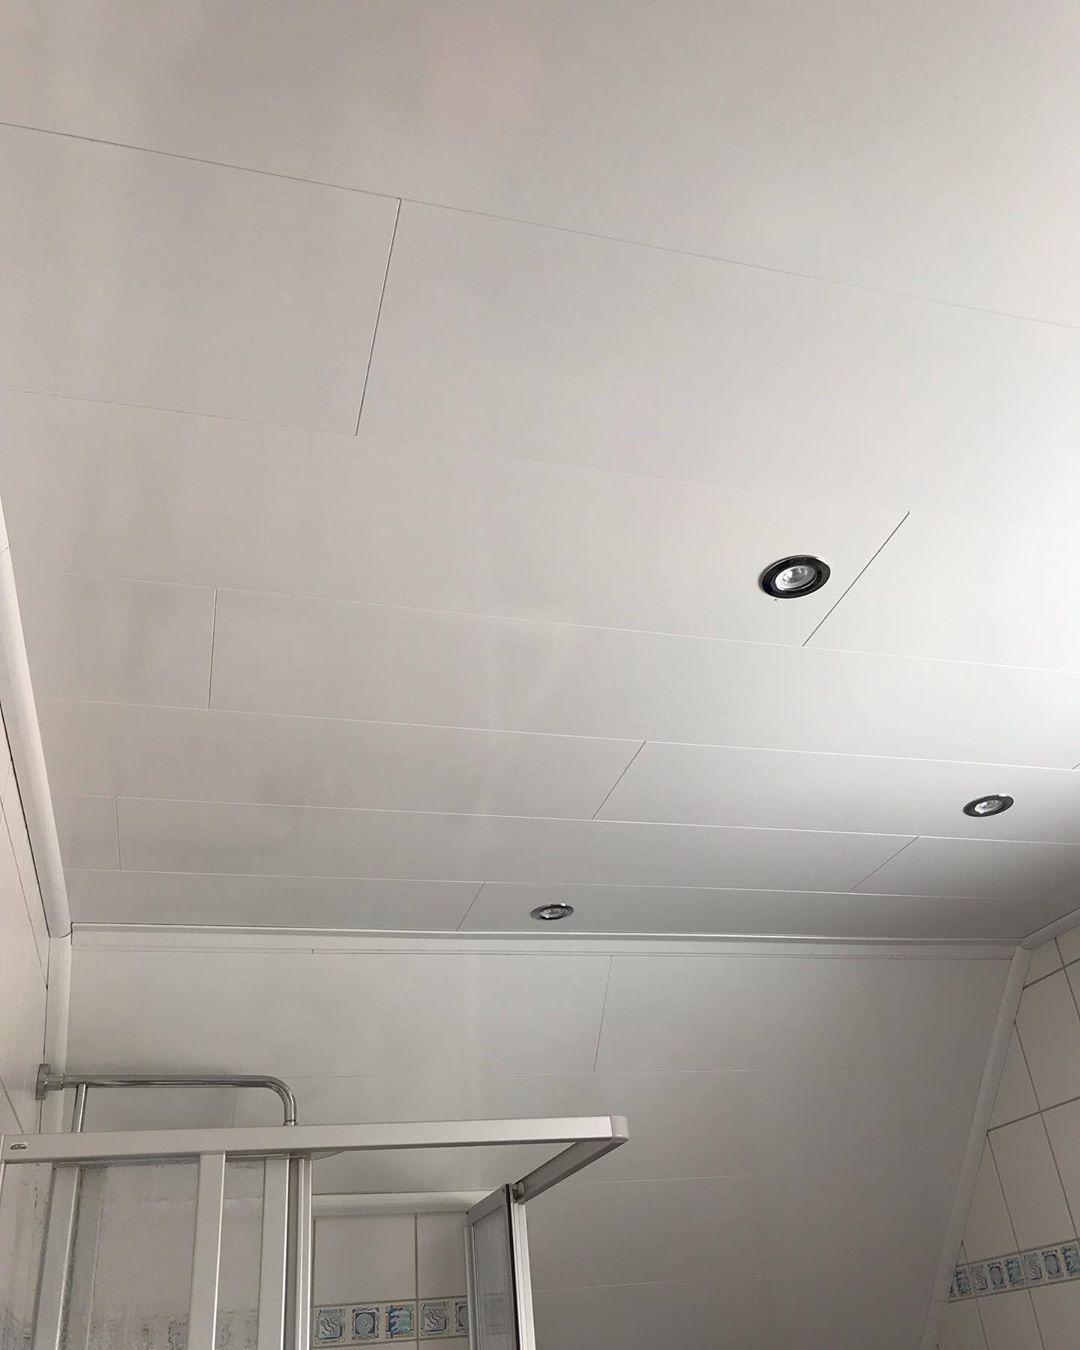 Vorher Nachher Paneele Im Badezimmer Mit Spots Was Meint Ihr Renovierung Badezimmer Badezimmerdesign White Interiordesign Shower Renovie